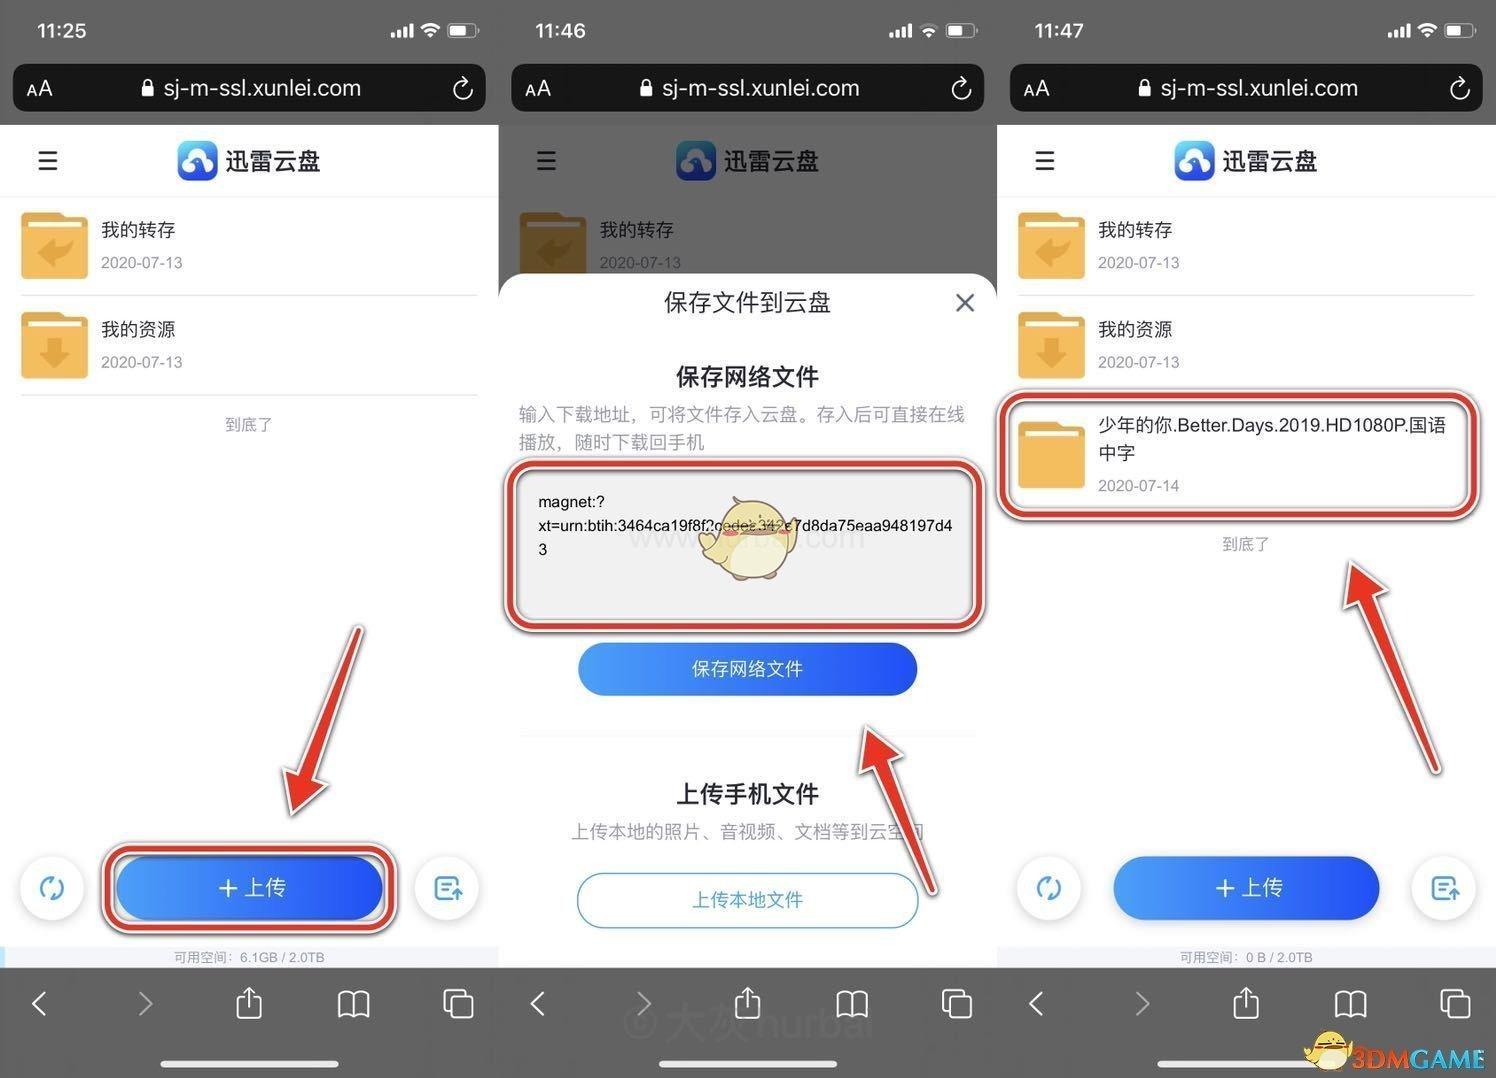 iOS《迅雷》新版本下载BT磁力链接教程